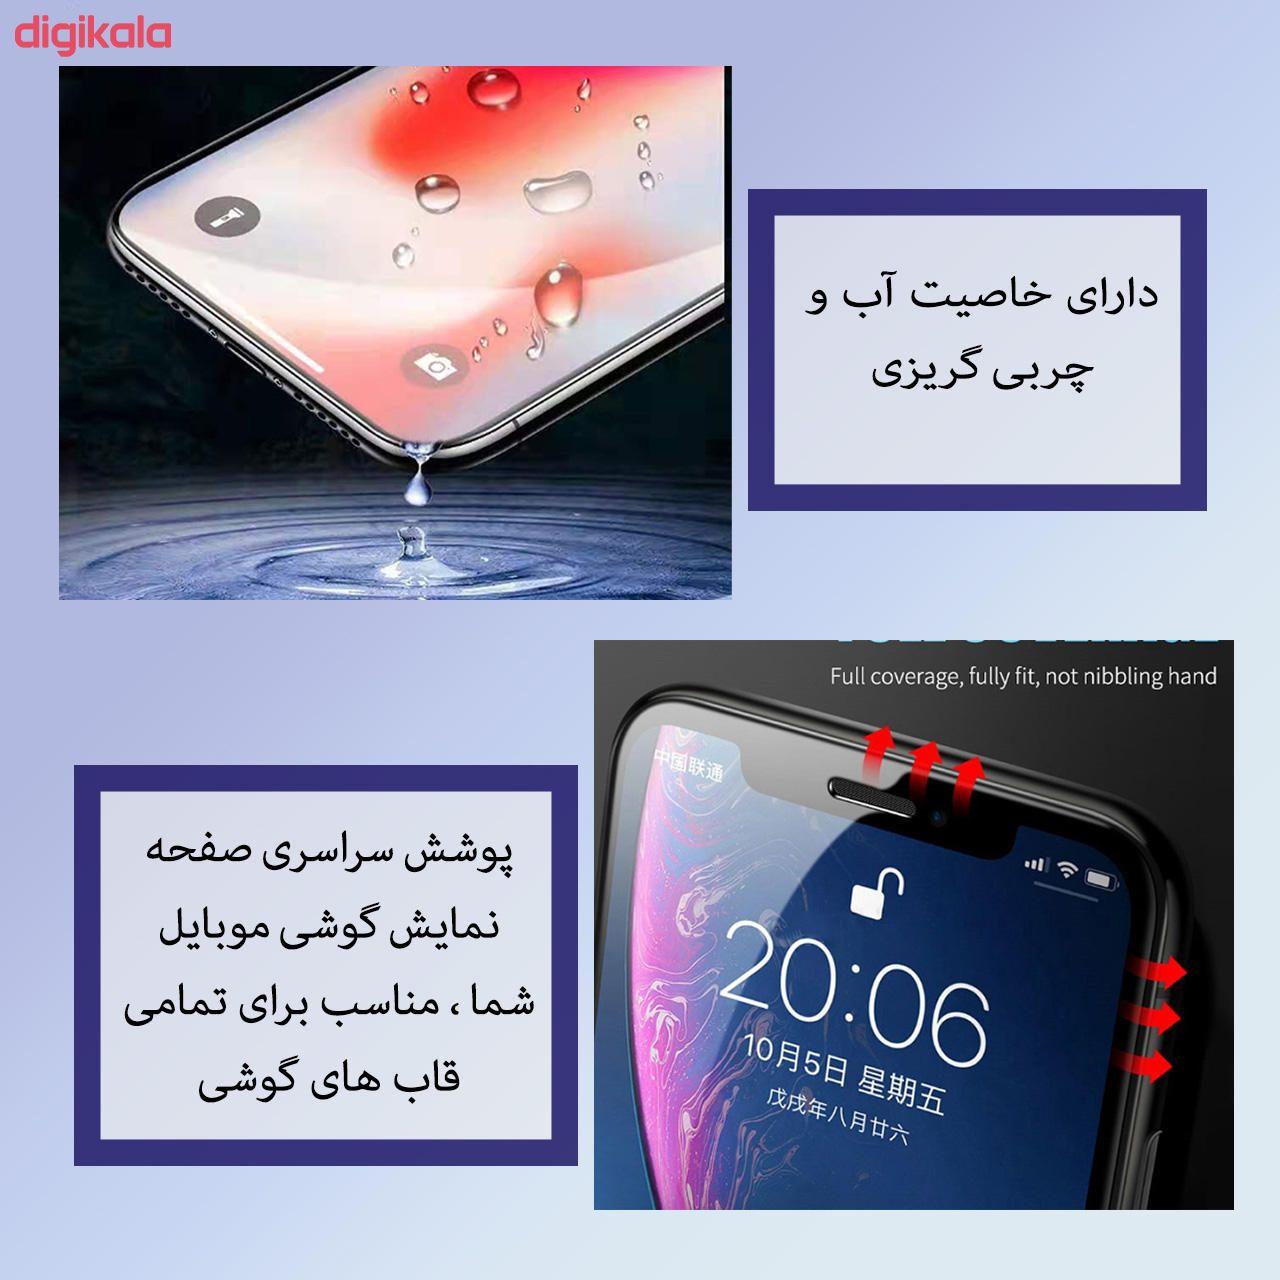 محافظ صفحه نمایش مدل R_CRG مناسب برای گوشی موبایل سامسونگ Galaxy A50 main 1 3